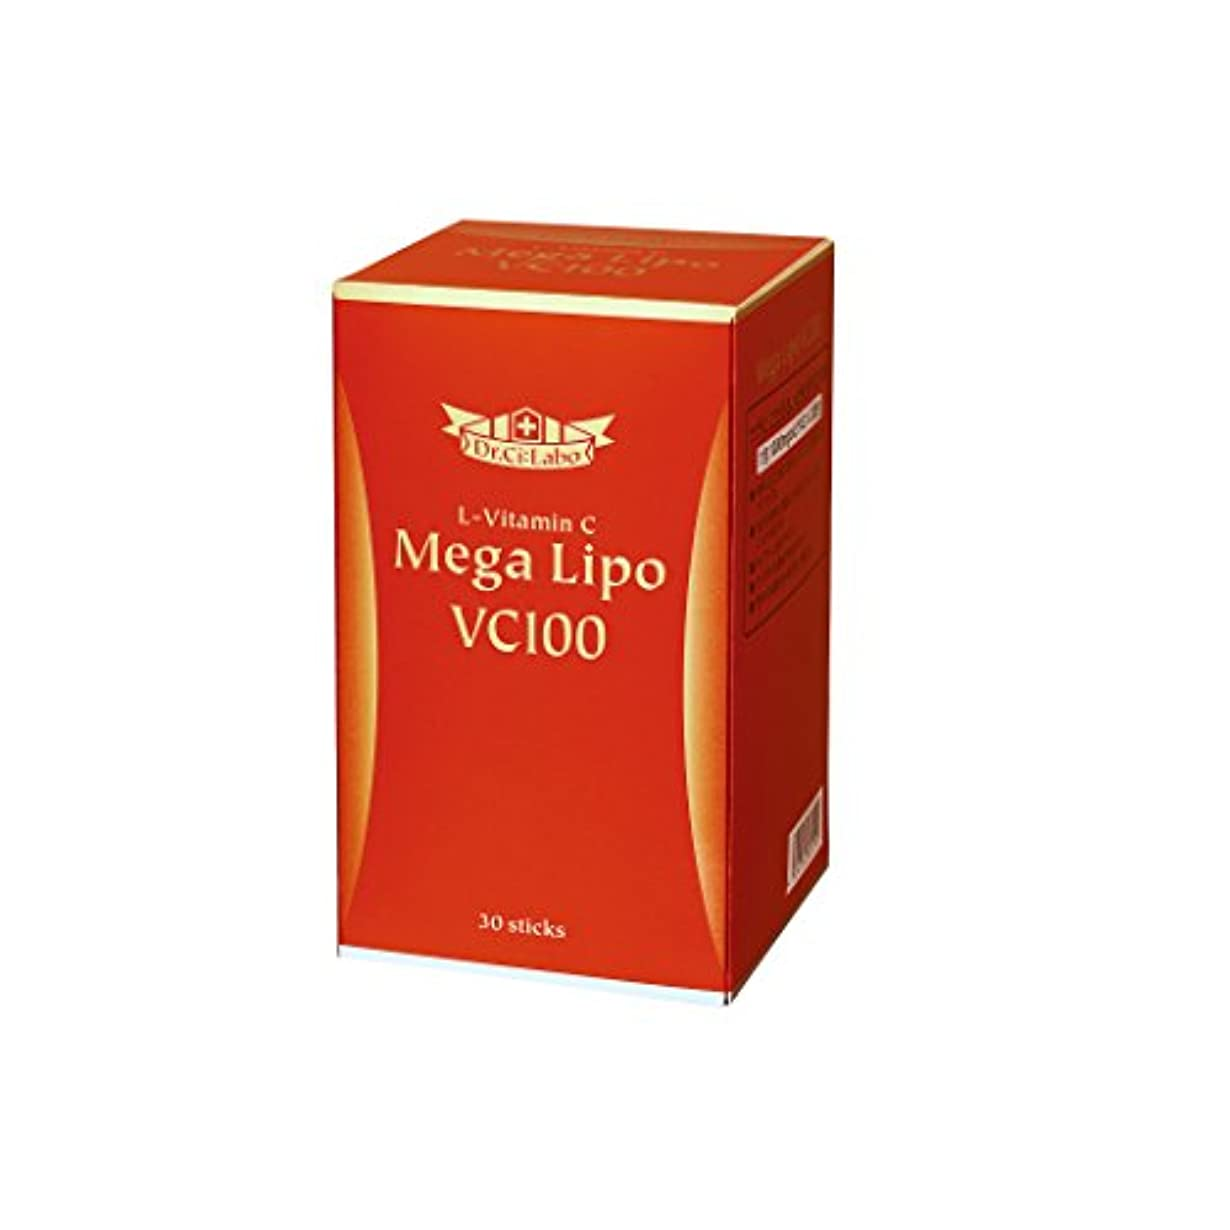 副詞谷うめき声ドクターシーラボ メガリポVC100 2.8g×30包 美容サプリメント